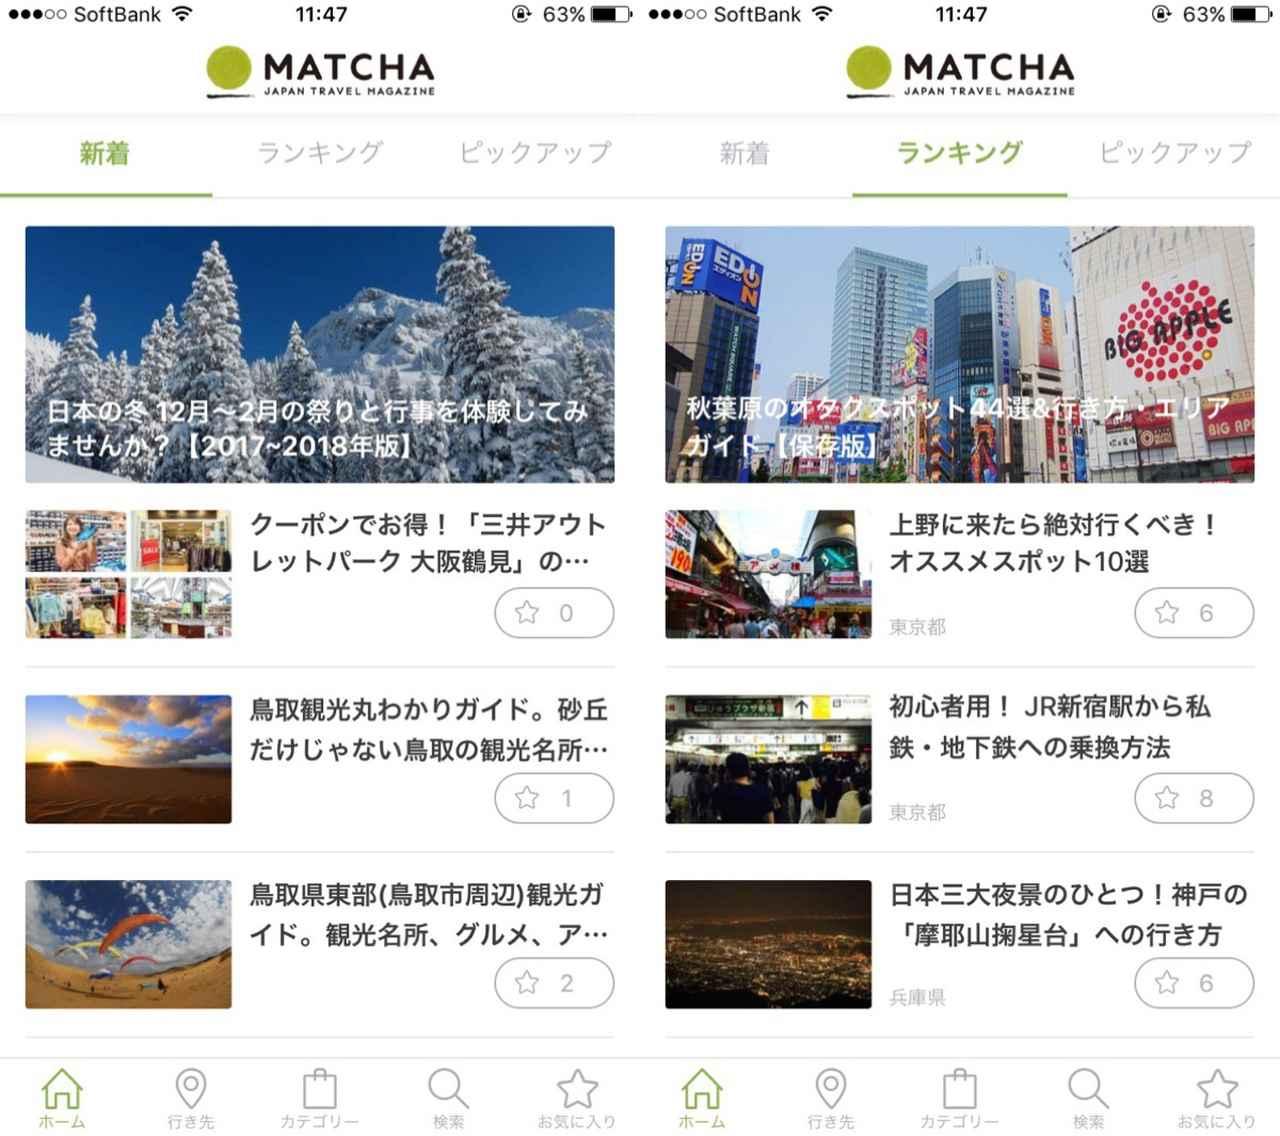 画像1: 穴場の名所が見つかる?!有名観光地のみならず日本全国幅広く紹介!